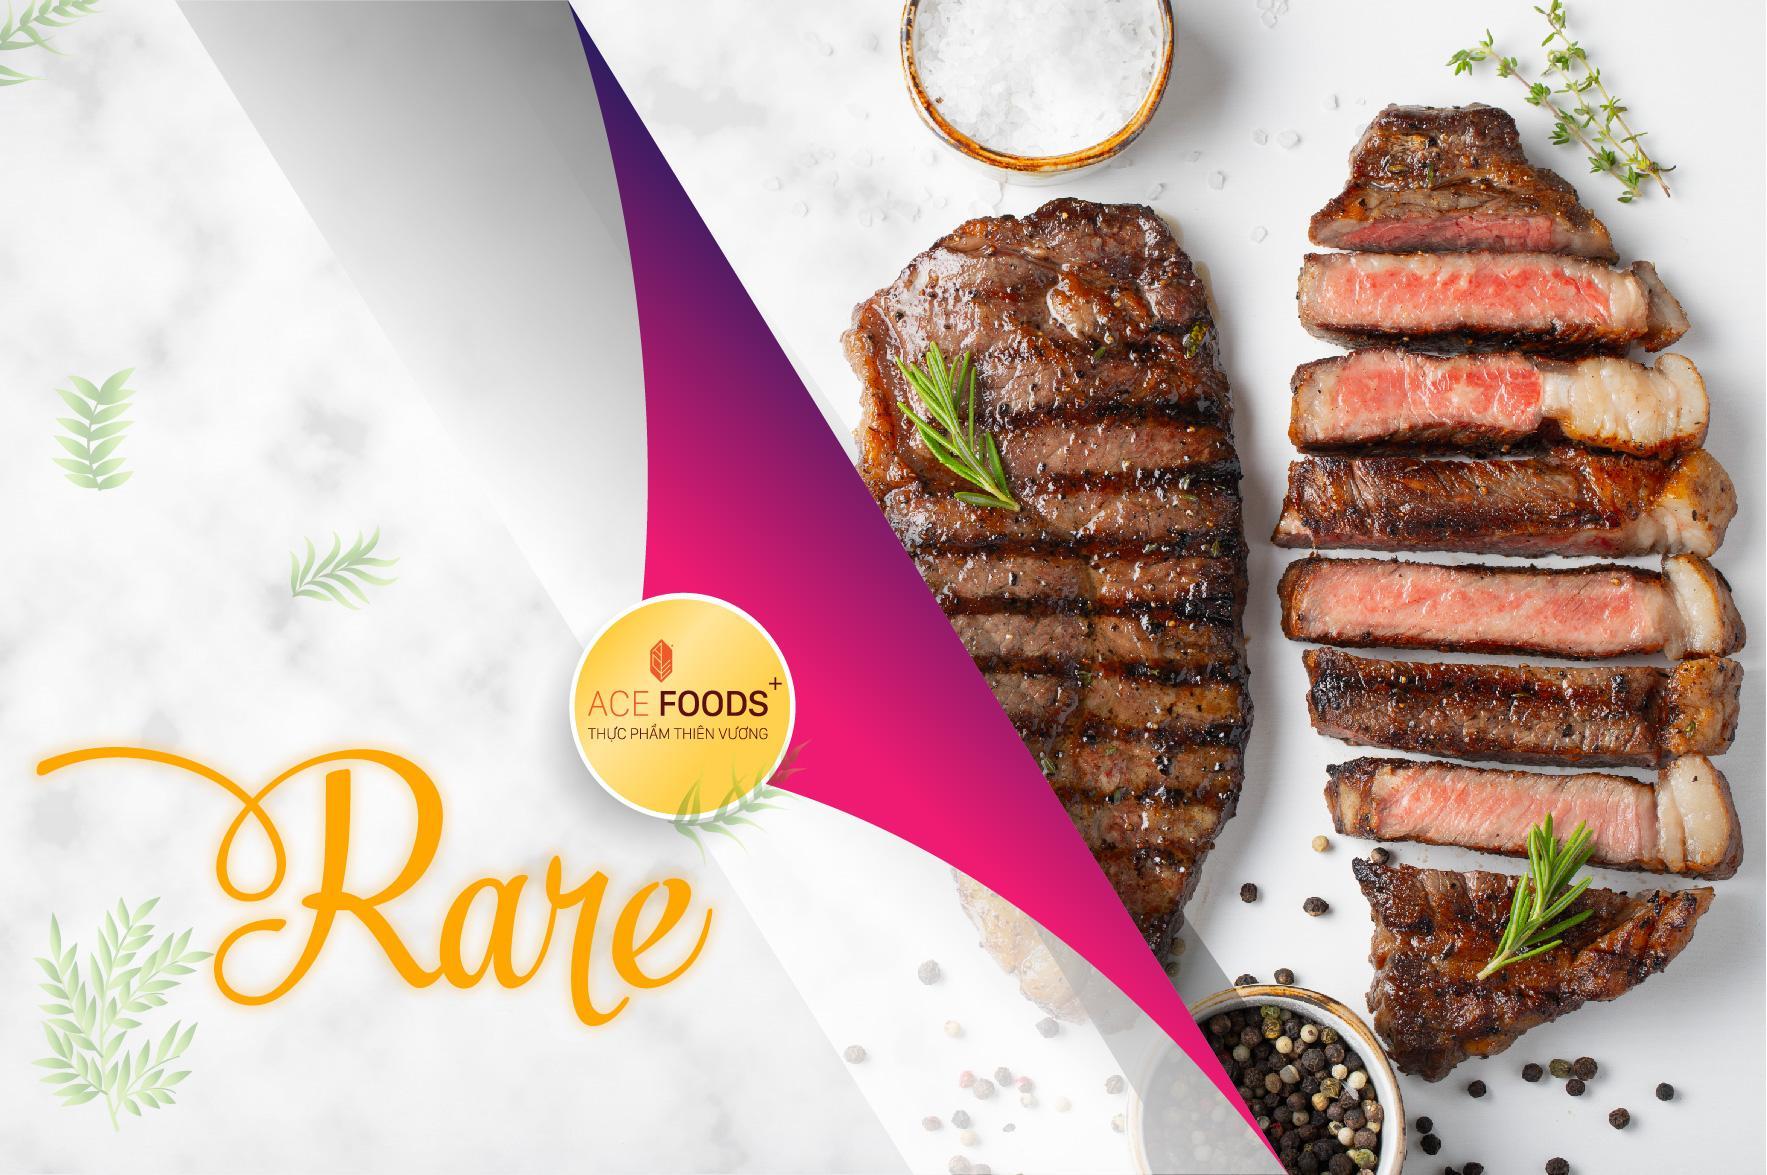 Tỉ lệ thịt bò chín ở mức độ Rare là 25%